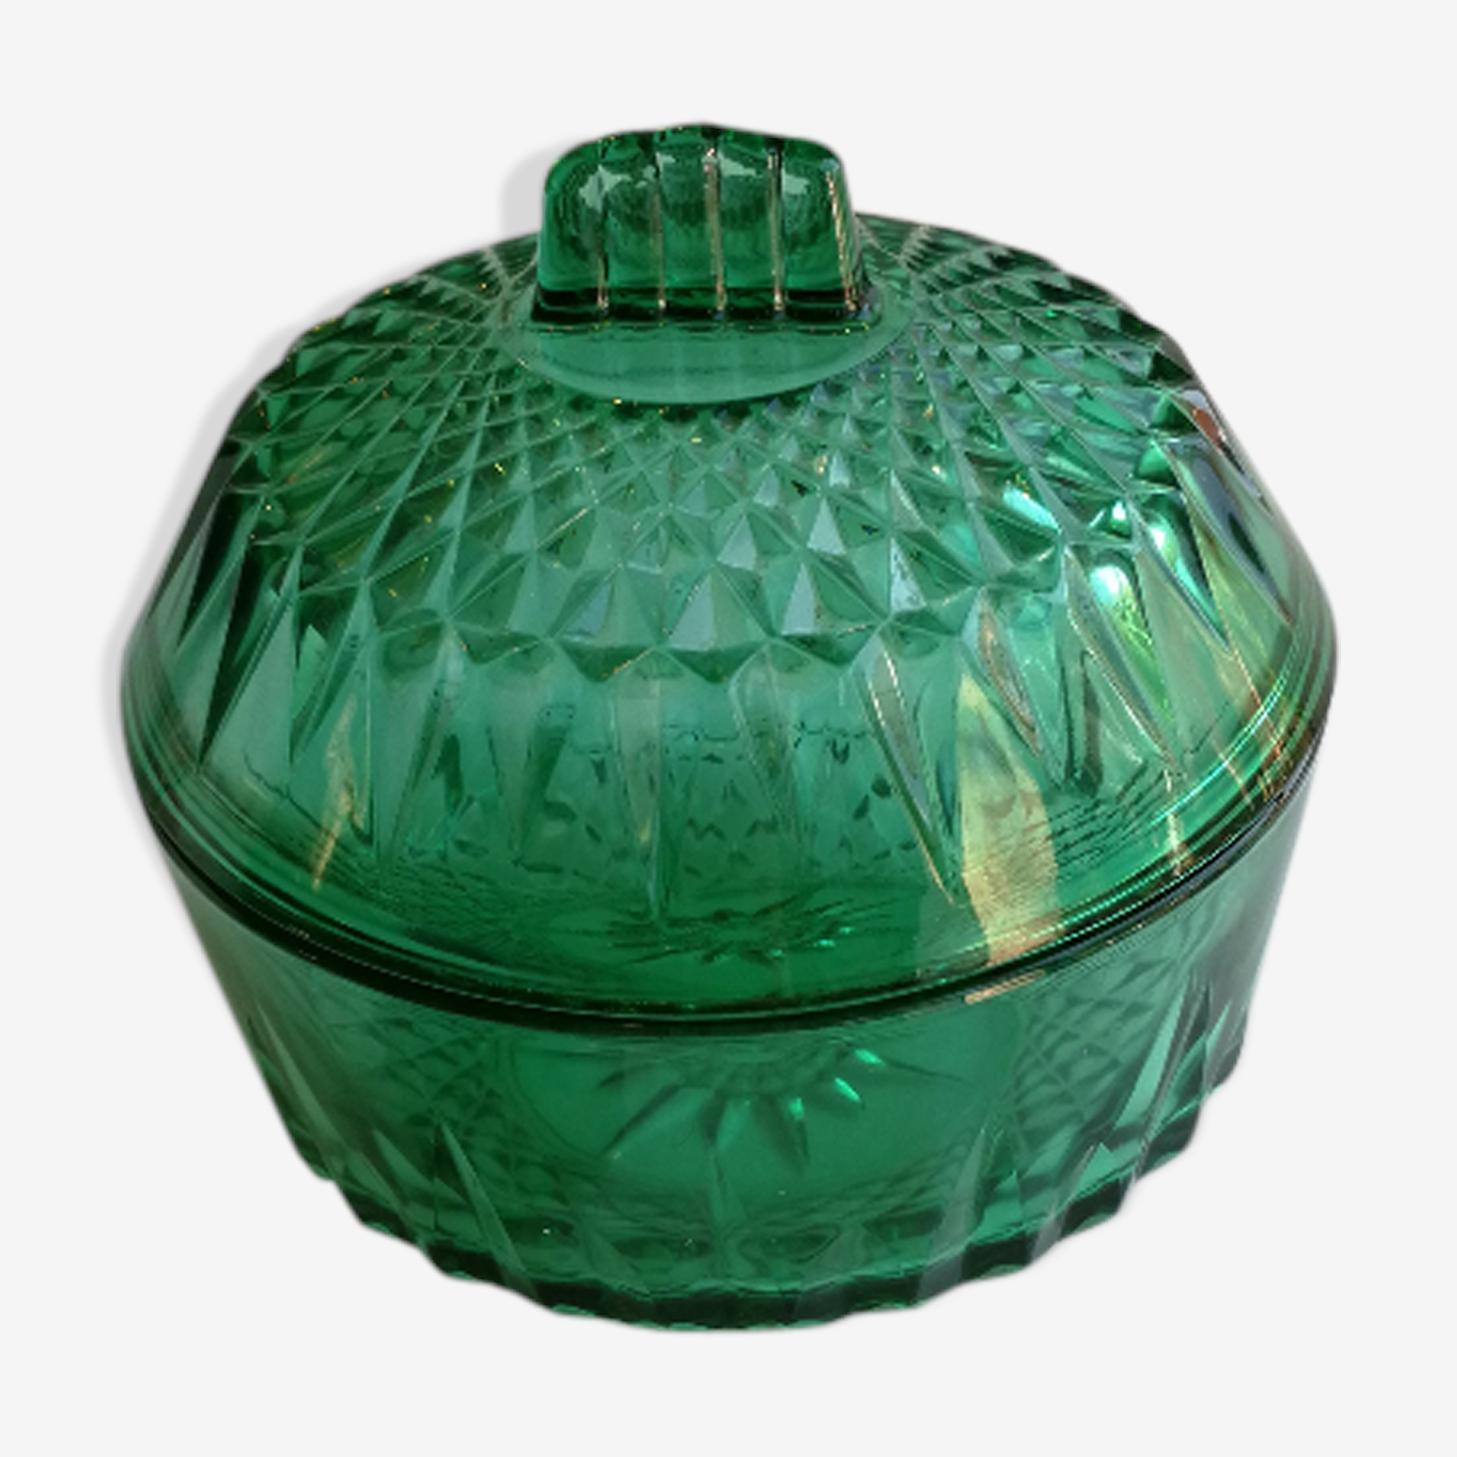 Bonbonnière ou sucrier arcoroc vert émeraude verre facetté années 60